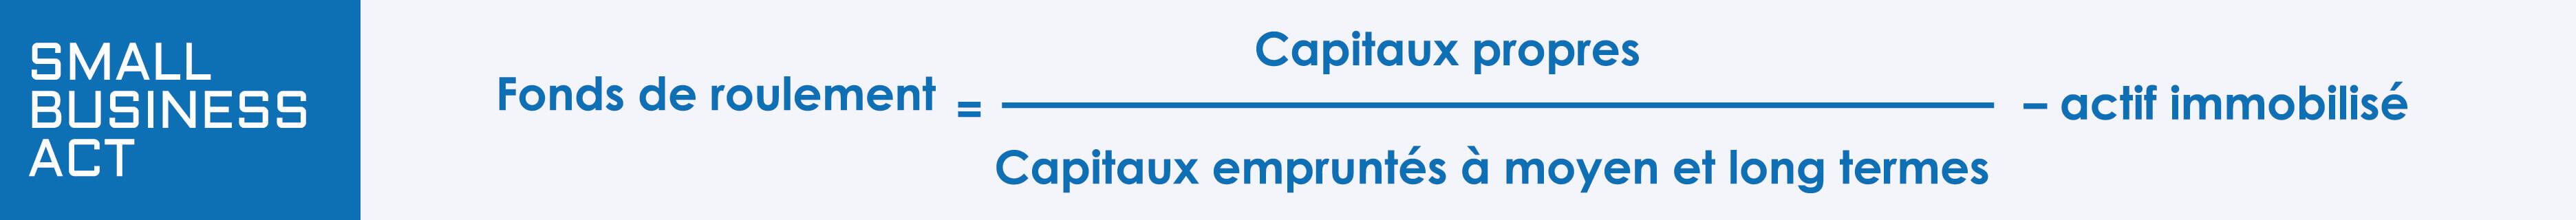 Calcul du fonds de roulement = (Capitaux propres / Capitaux empruntés à moyen de long termes )- Actif immobilisé